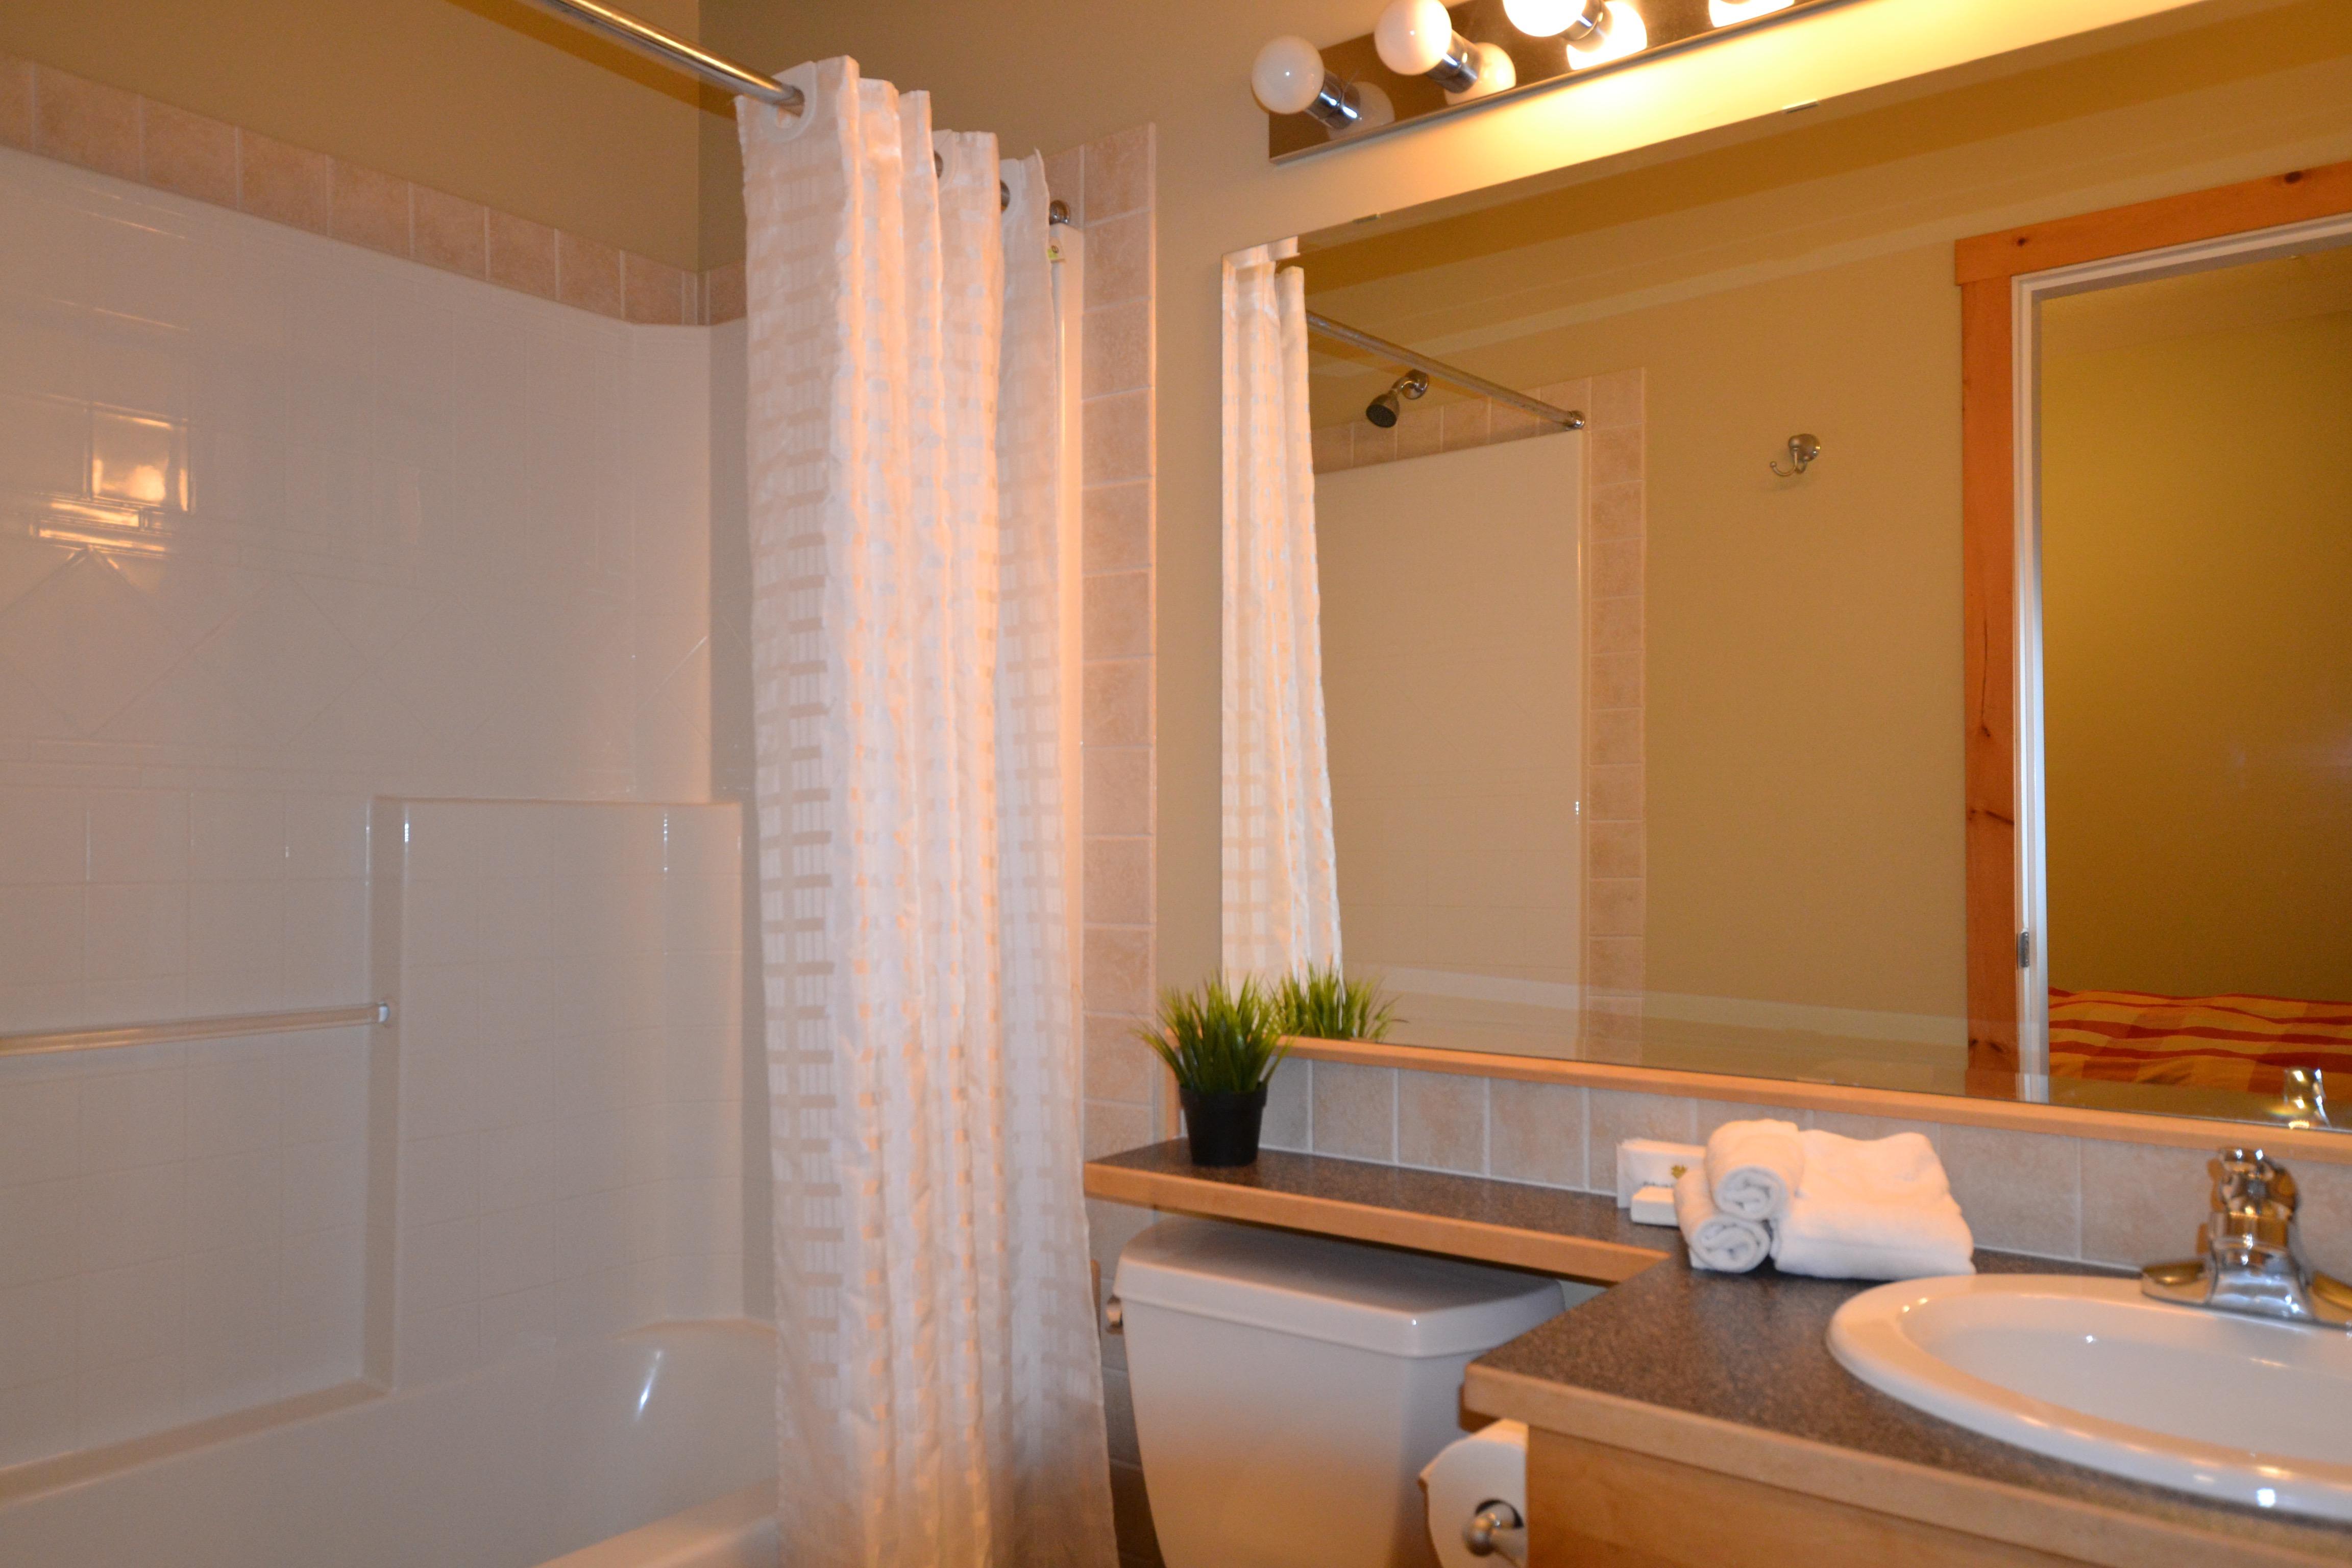 410 Bedroom 1 - Bathroom